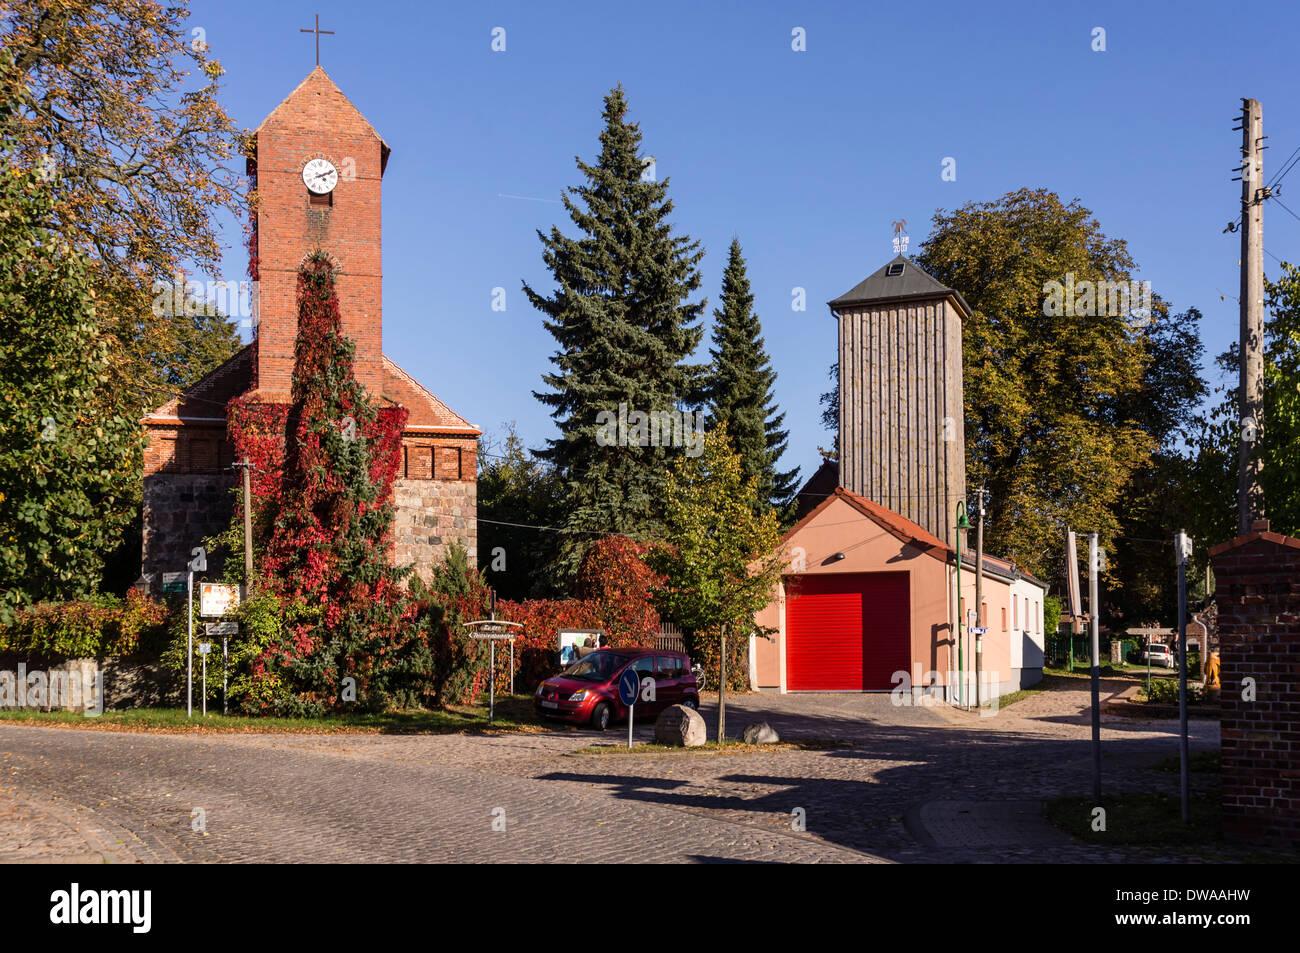 Dorfkirche in Danewitz, Brandenburg, Deutschland Stockbild